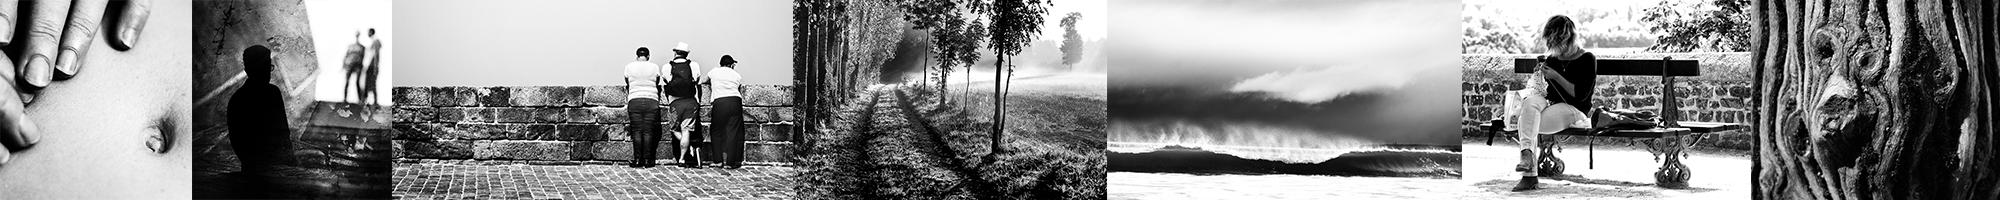 Photographie amateur noir et blanc Jean-Marin Wibaux